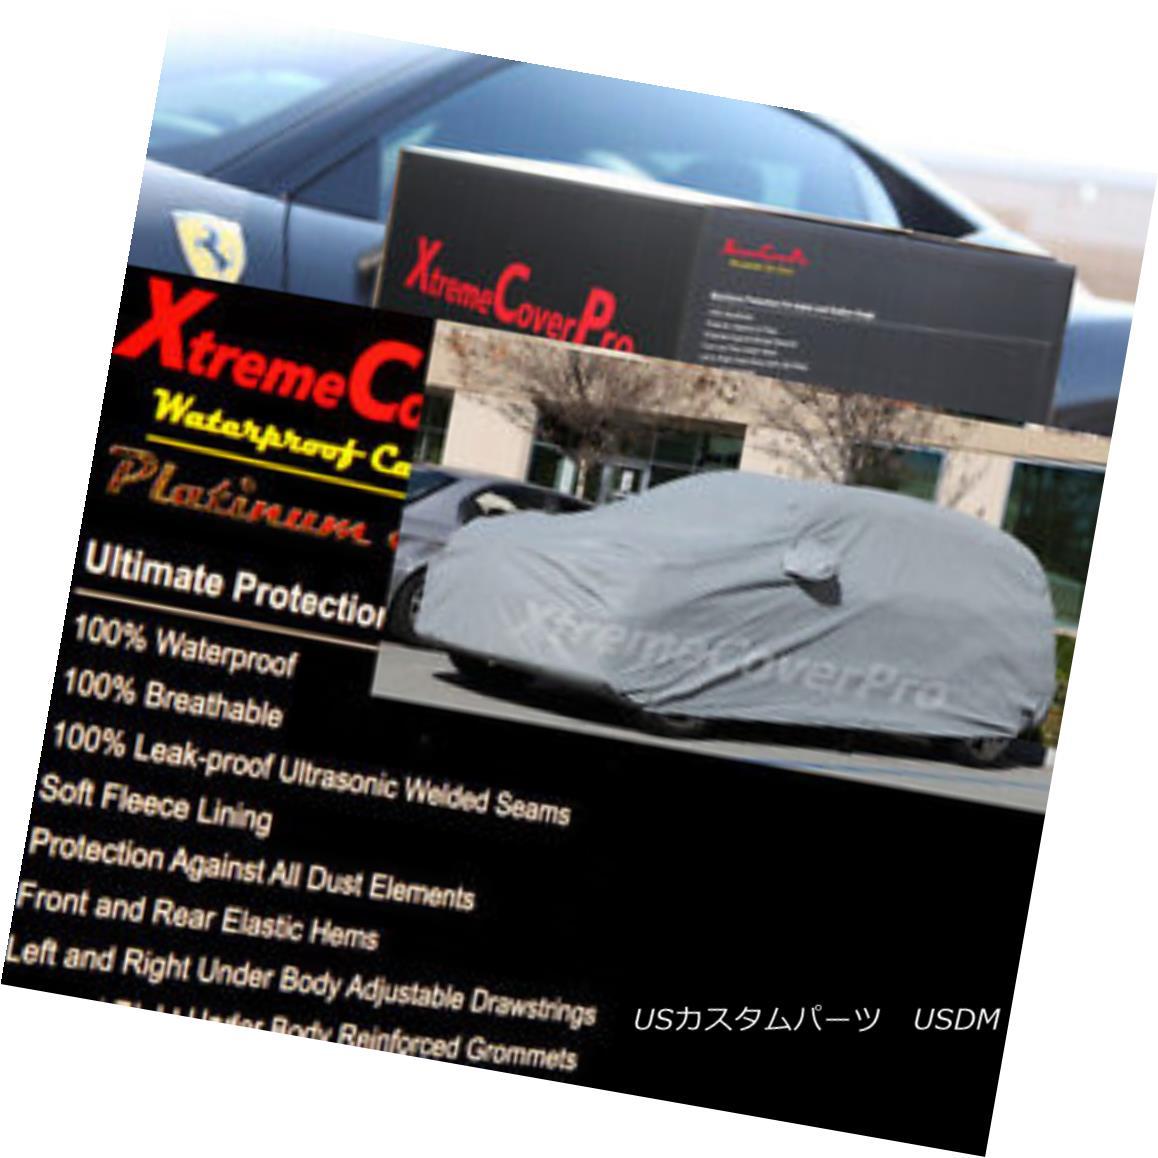 カーカバー 2014 LEXUS GX460 Waterproof Car Cover w/ Mirror Pocket 2014レクサスGX460防水カーカバー付きミラーポケット